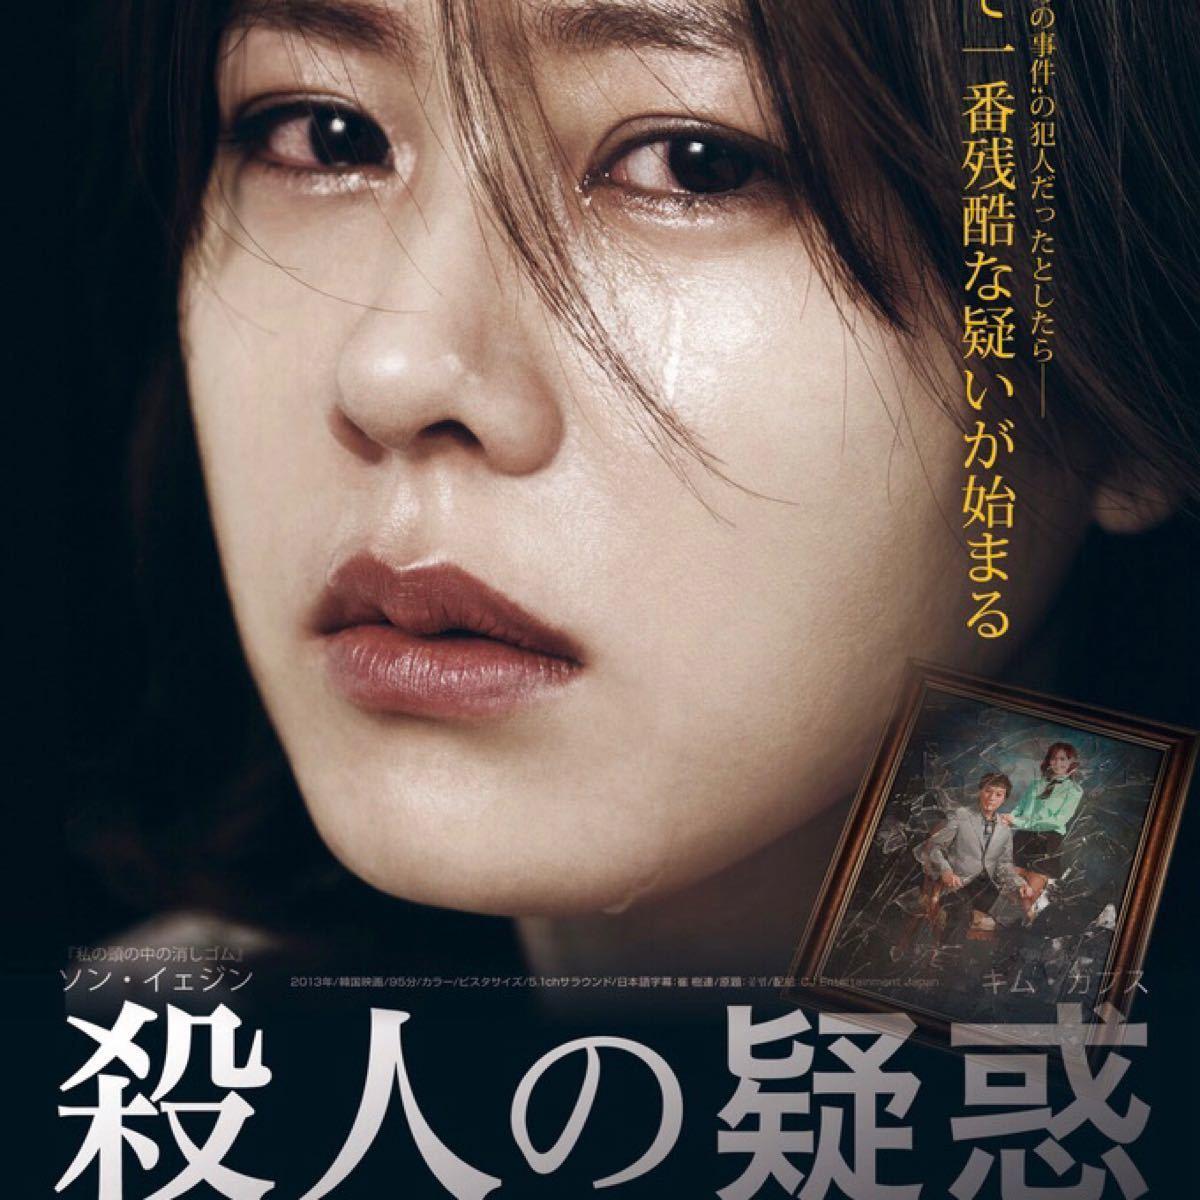 韓国映画  殺人の疑惑  ソン・イェジン  DVD  レーベル有り